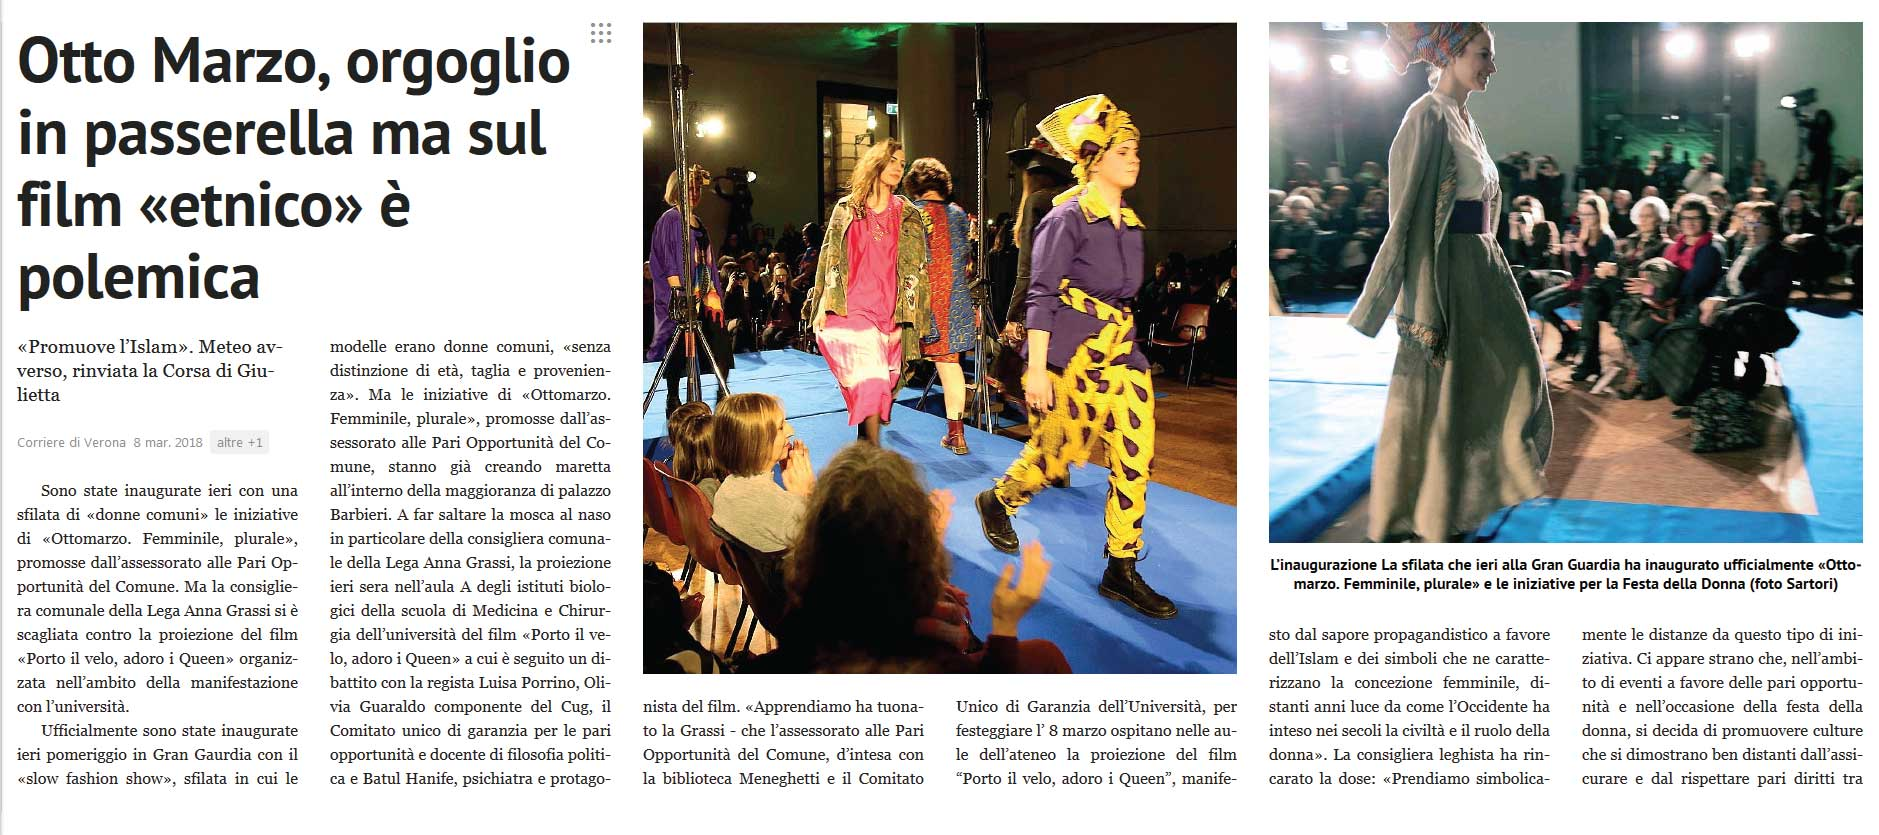 Corriere di Verona, 8 marzo 2018